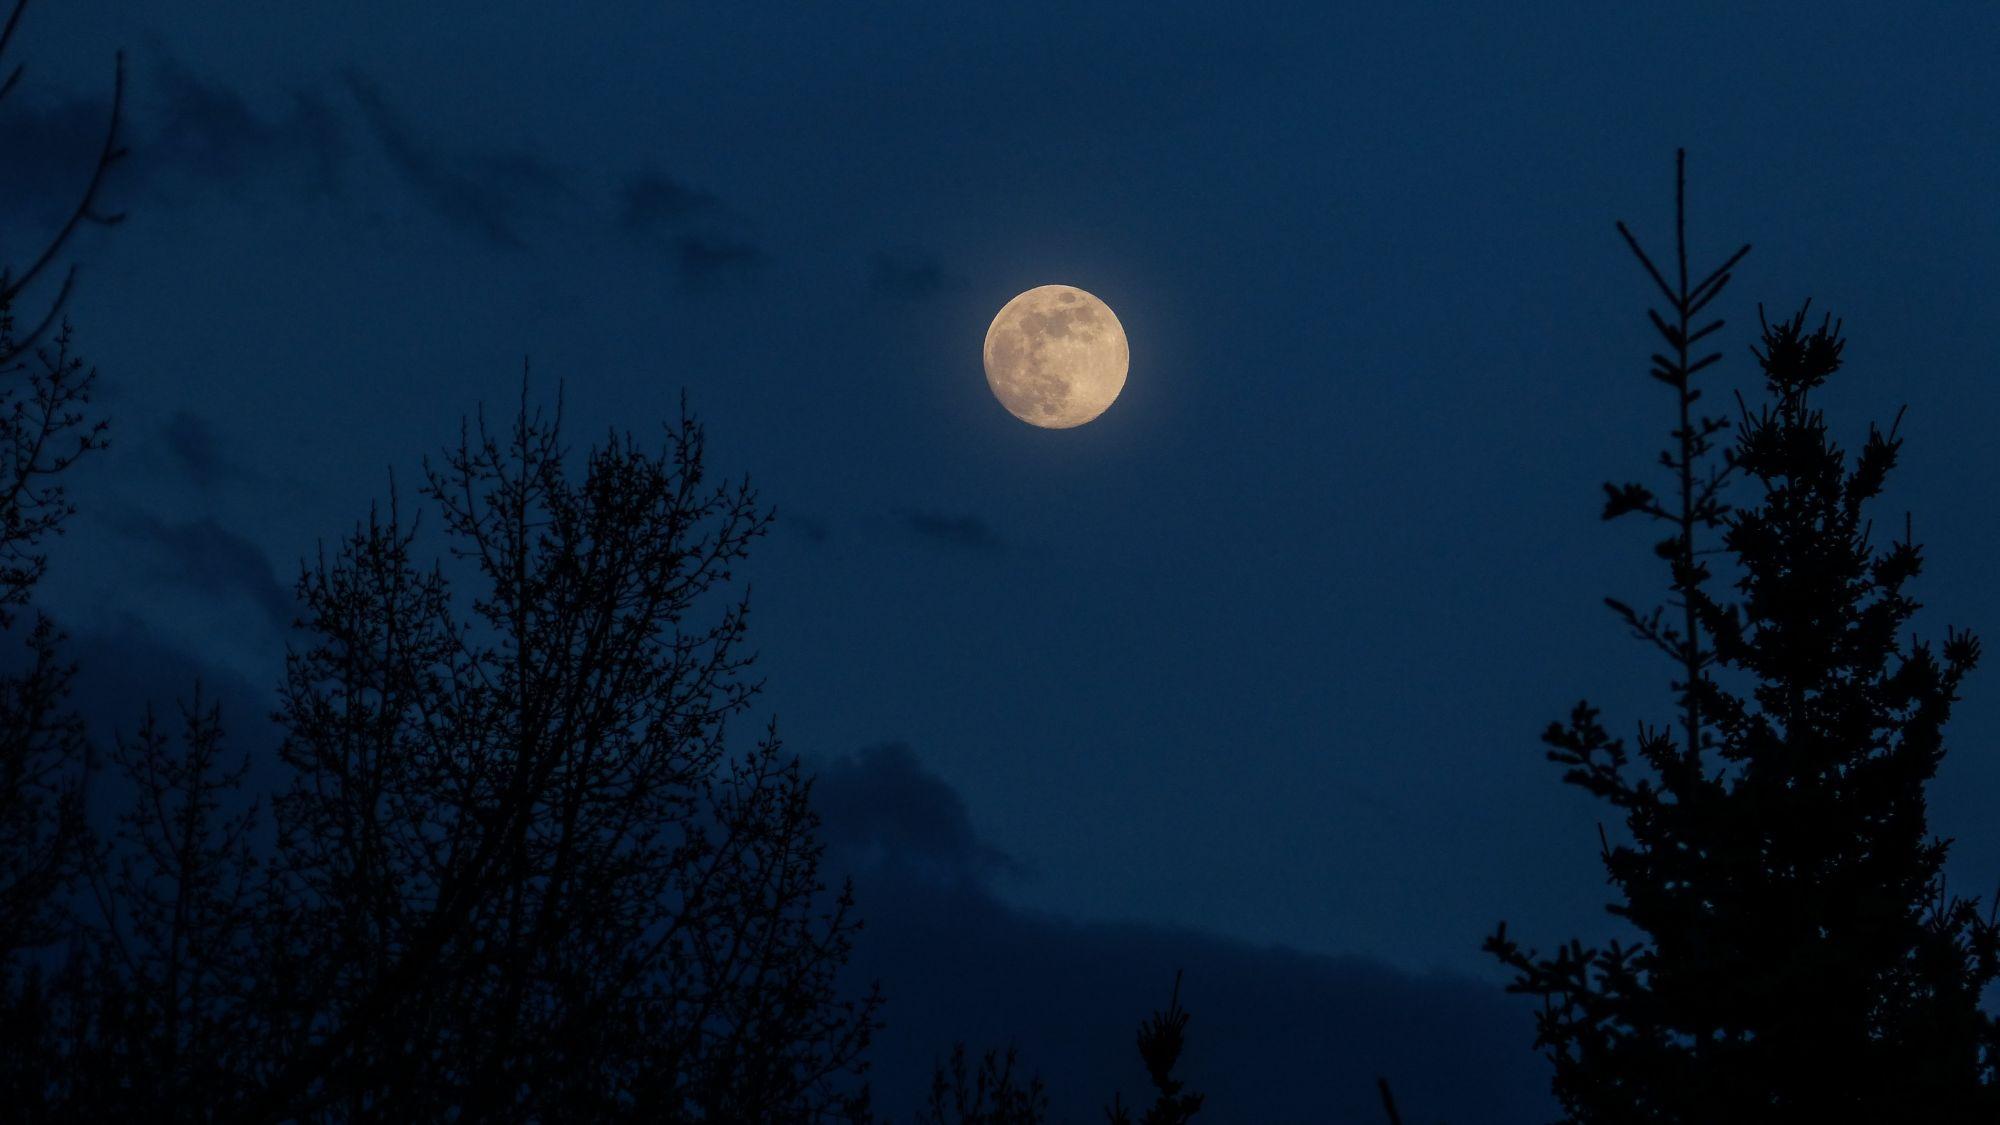 天文迷請筆記! 罕見「藍月亮」星象今年10月31日現身